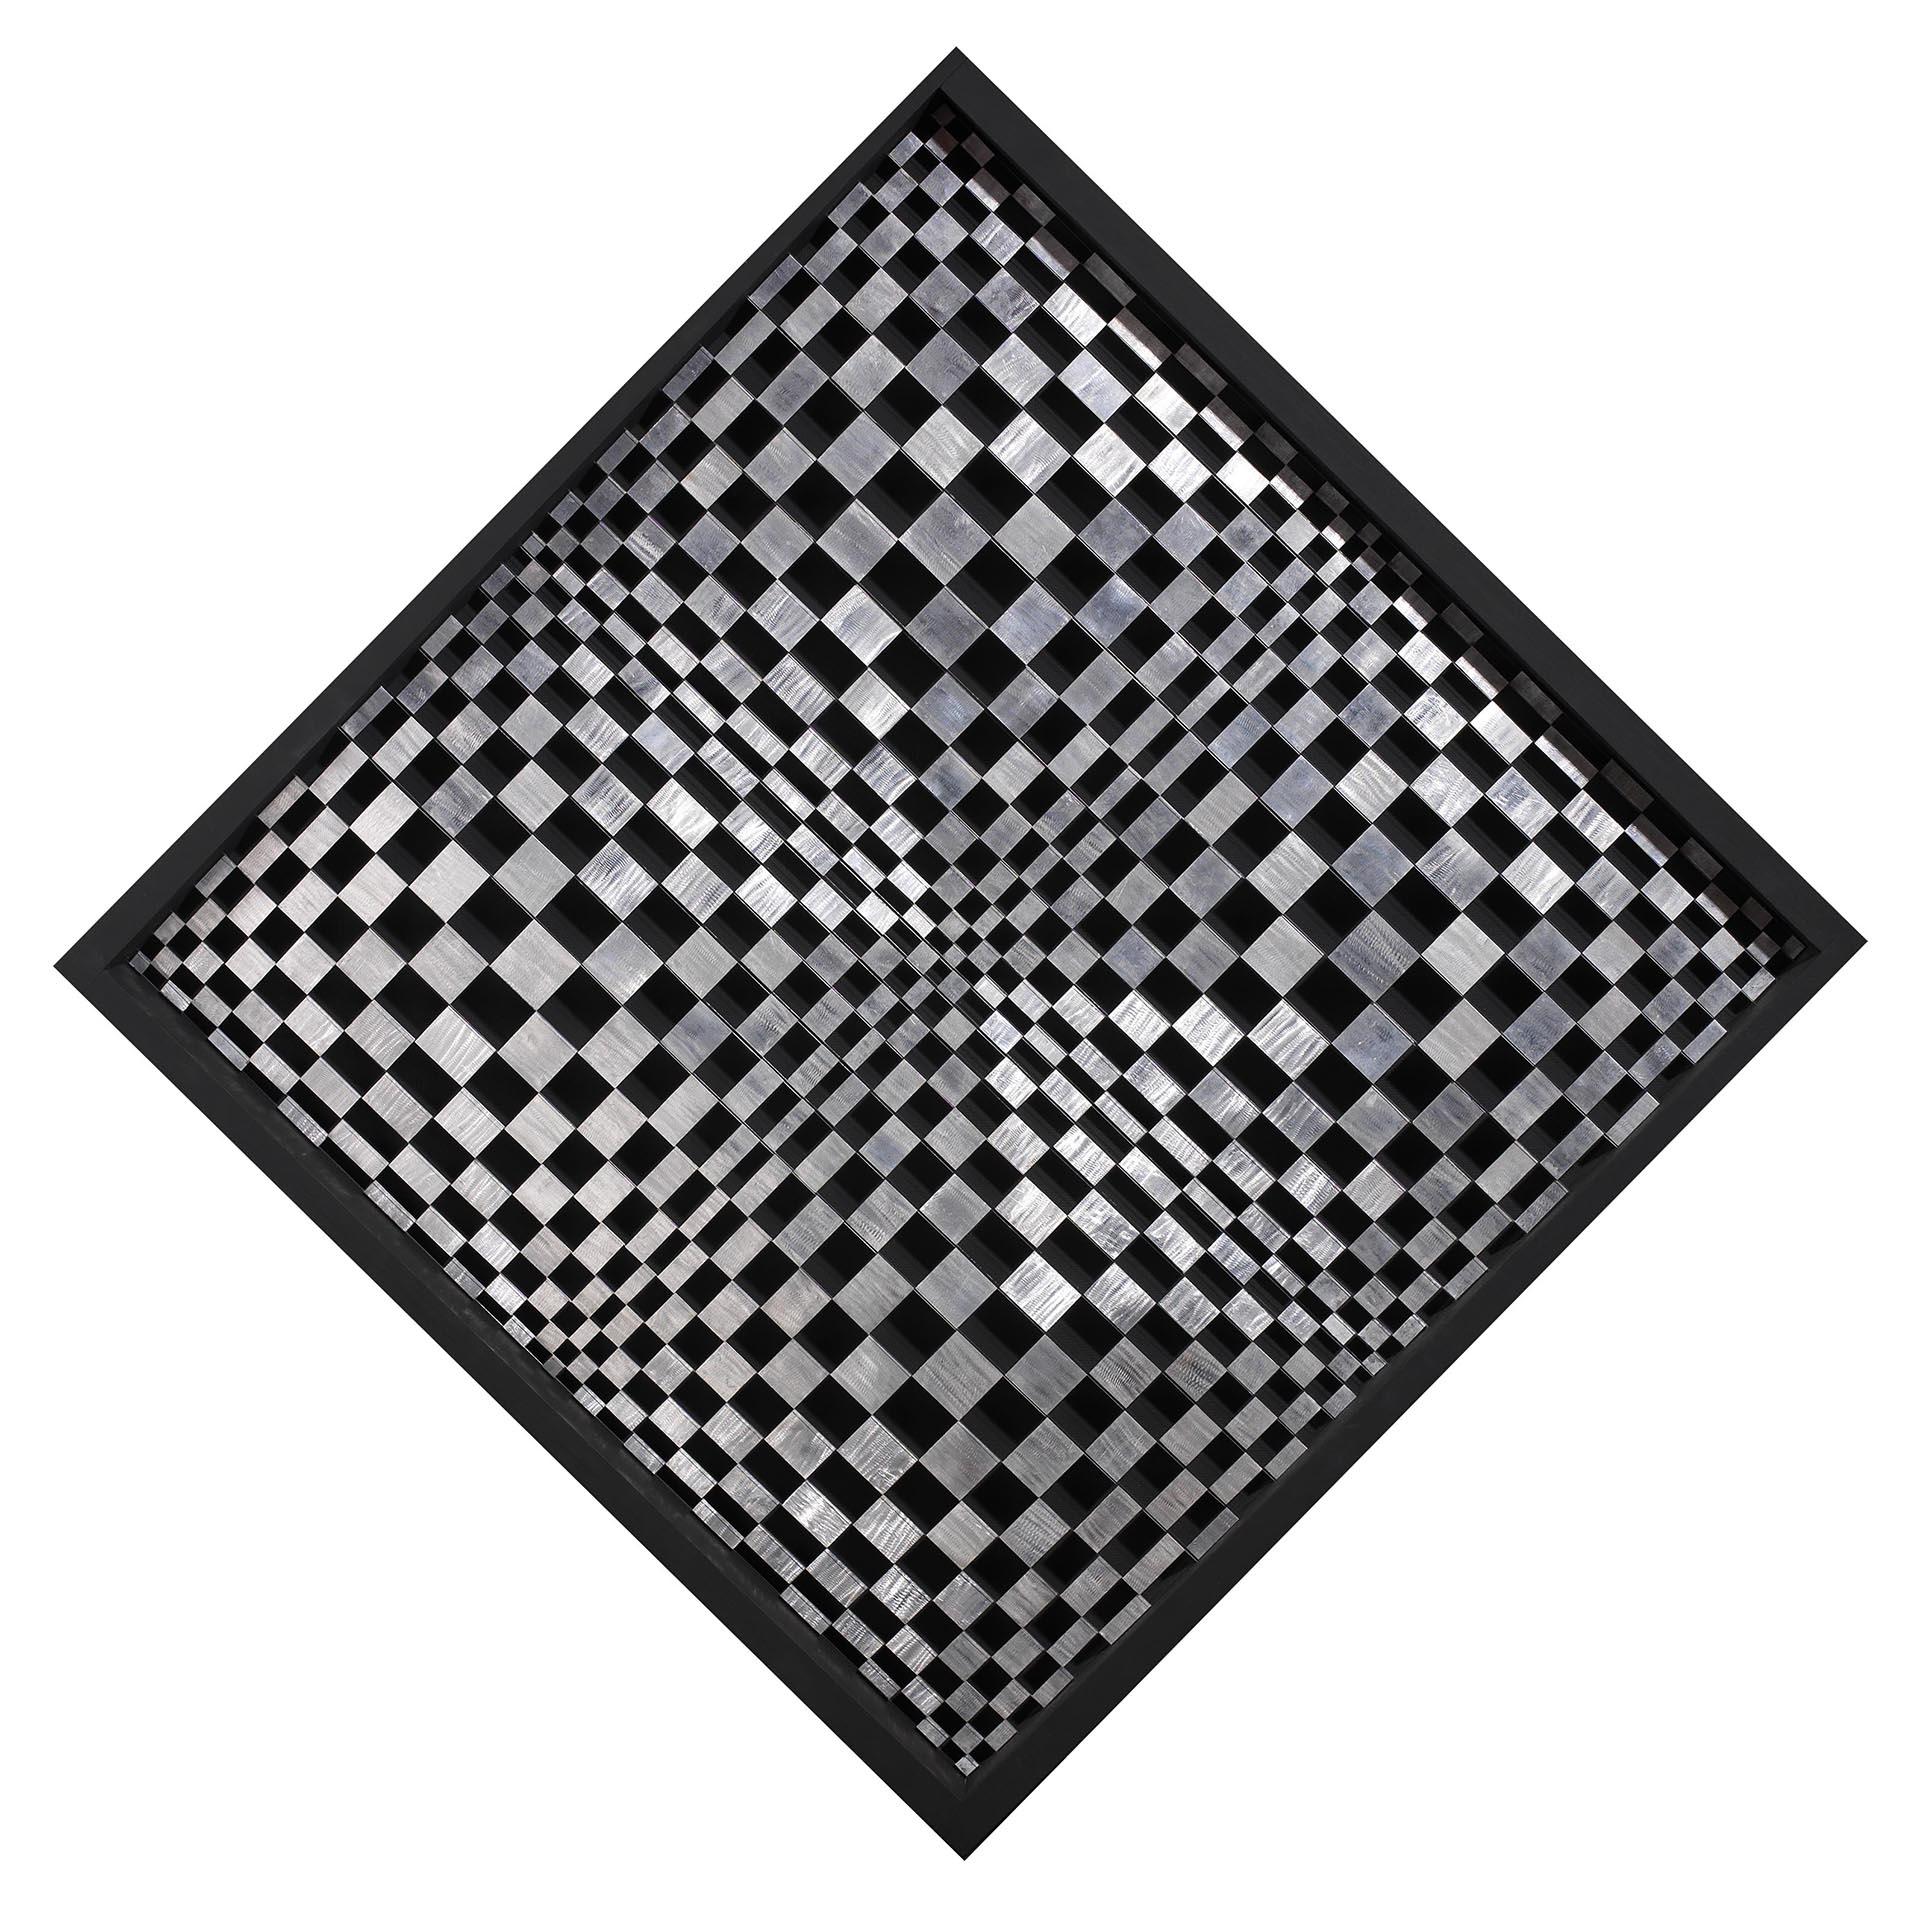 Dadamaino, Oggetto ottico-dinamico, 1962-71, 106x106 cm